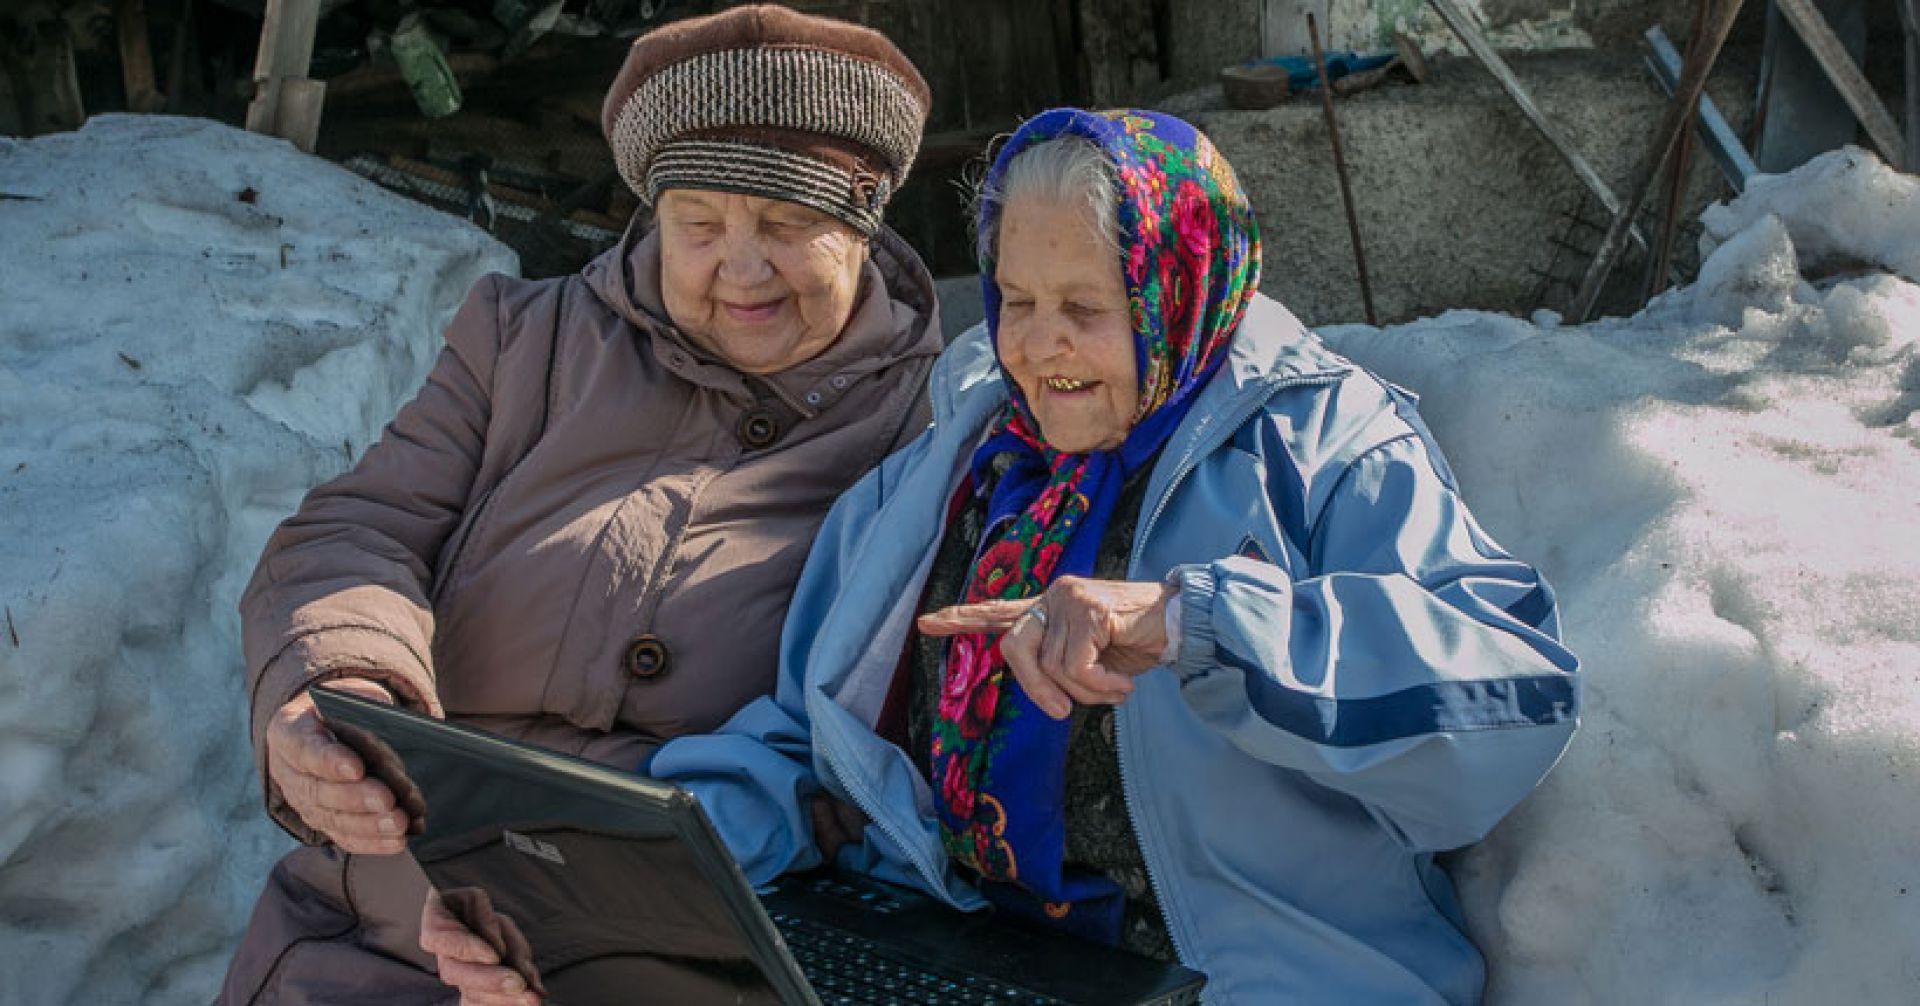 Прожиточный минимум пенсионера Новосибирской области составит 10 378 рублей